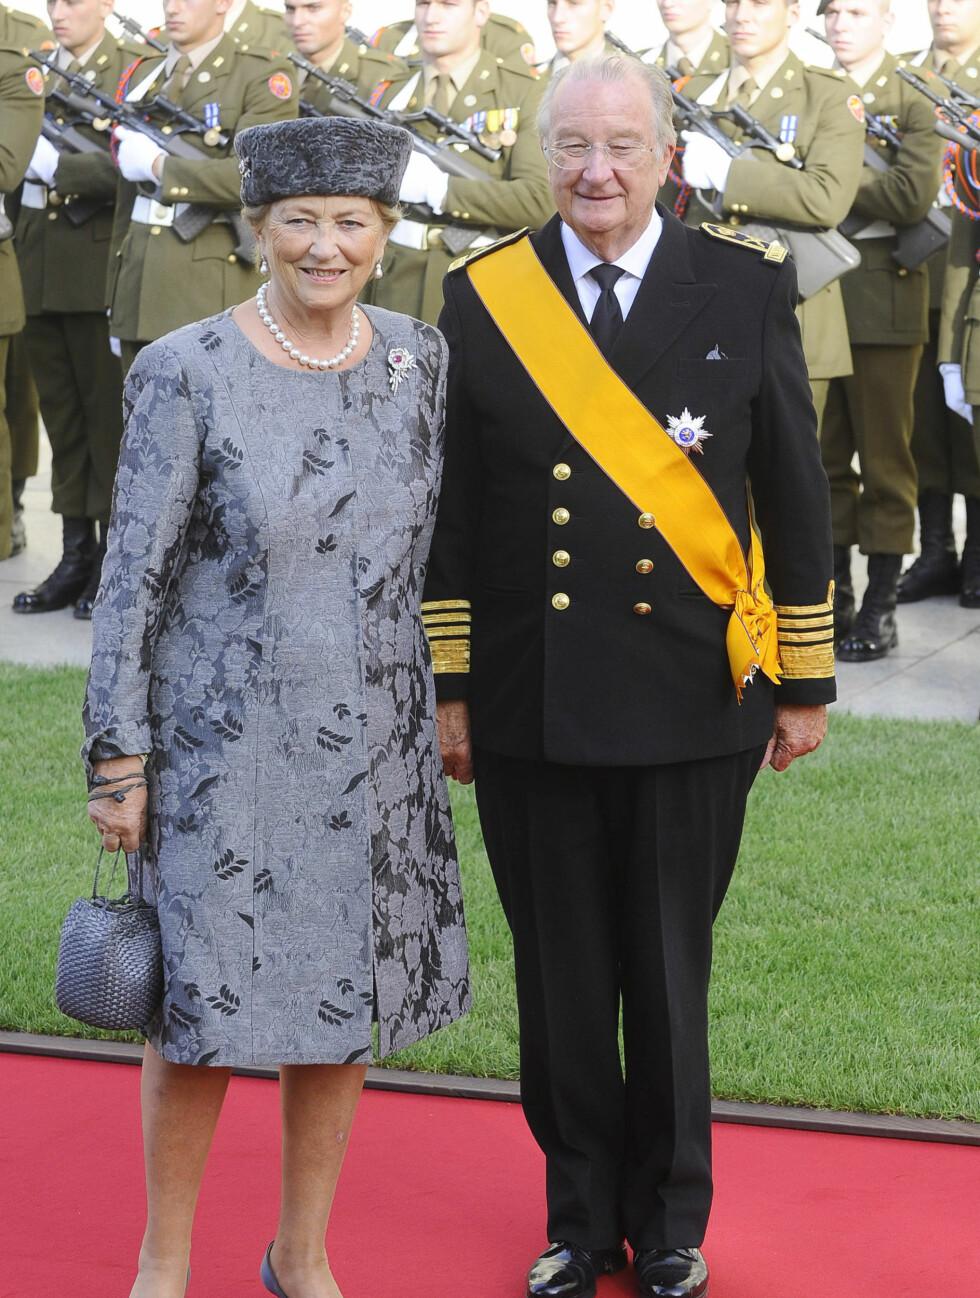 Dronning Paola og kong Albert II av Belgia var naturlige gjester i det kongelige bryllupet i nabolandet. Foto: FameFlynet